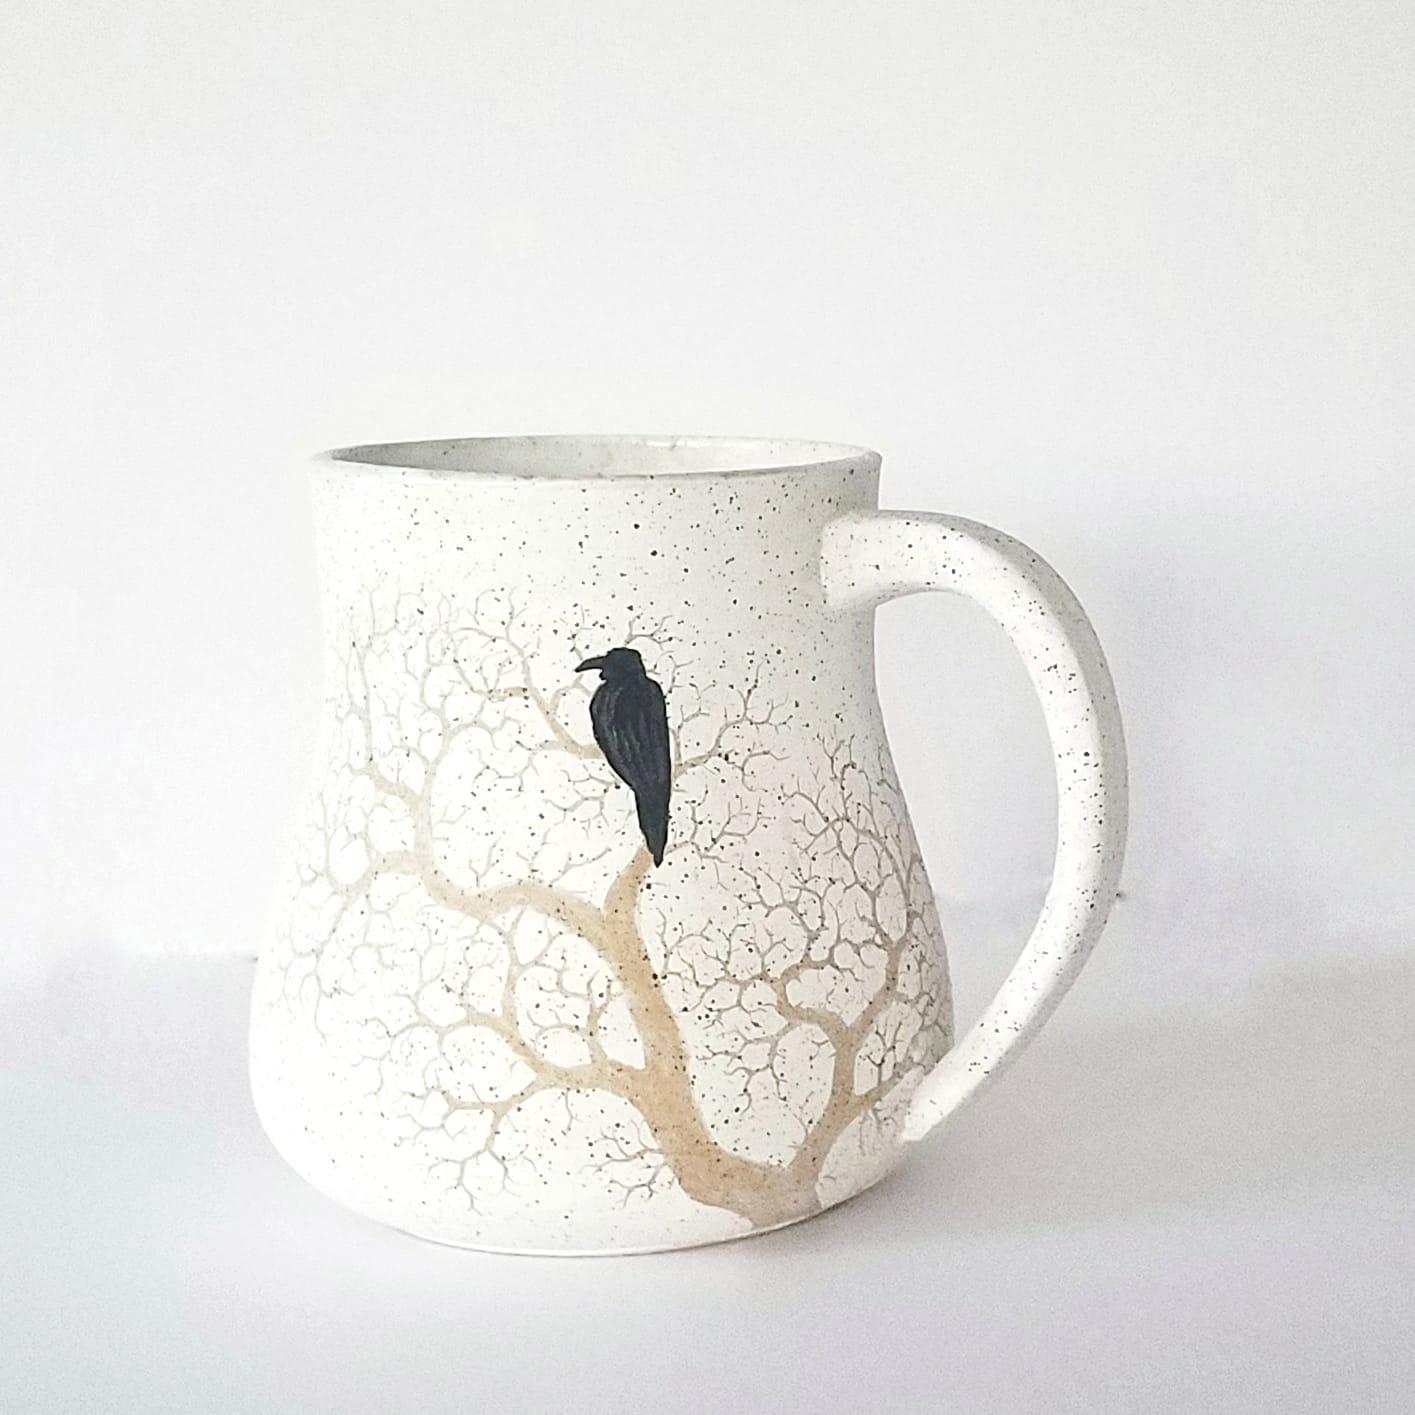 Mug by Kate H.